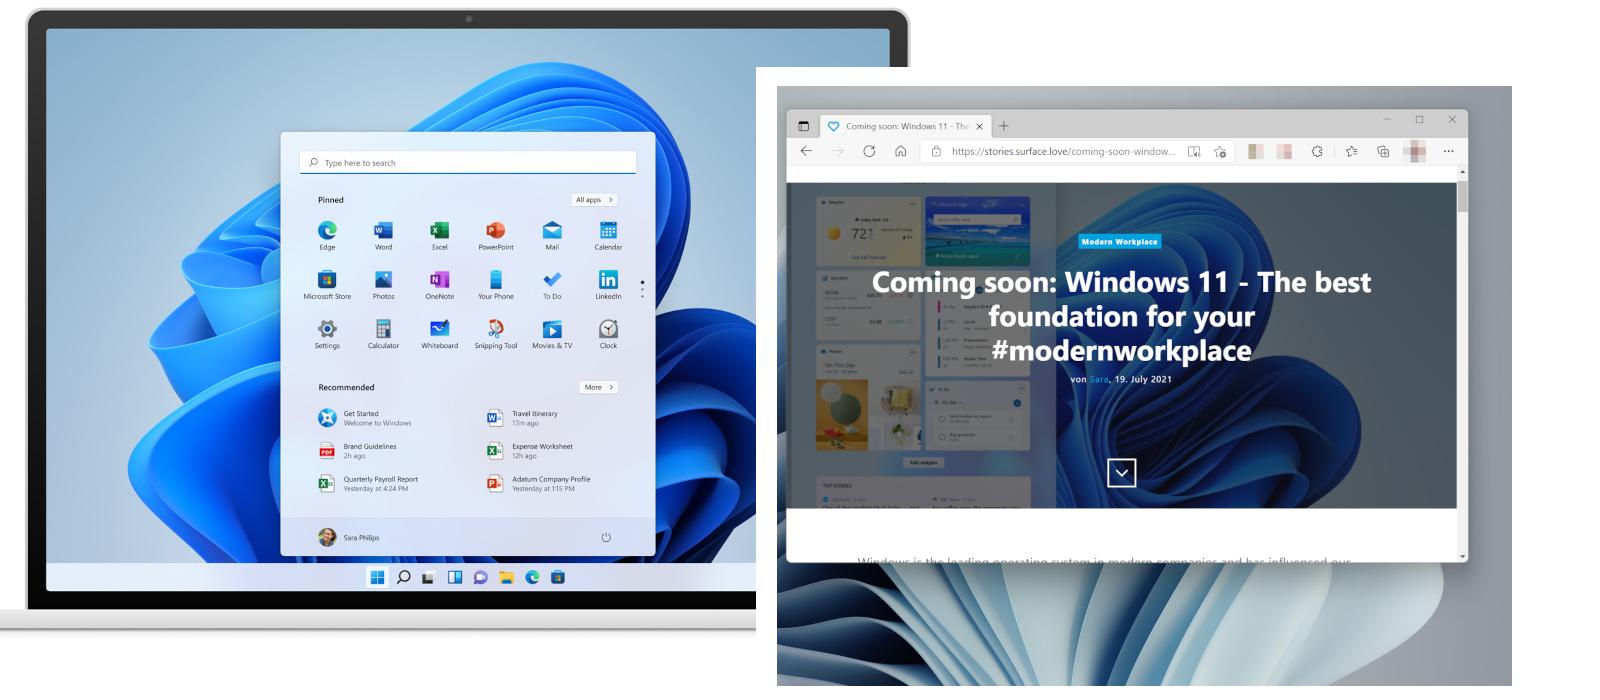 Ein Screenshot zeigt die Windows-Button Funktion und ein weiterer Screenshot zeigt einen Ausschnitt von Microsoft Edge